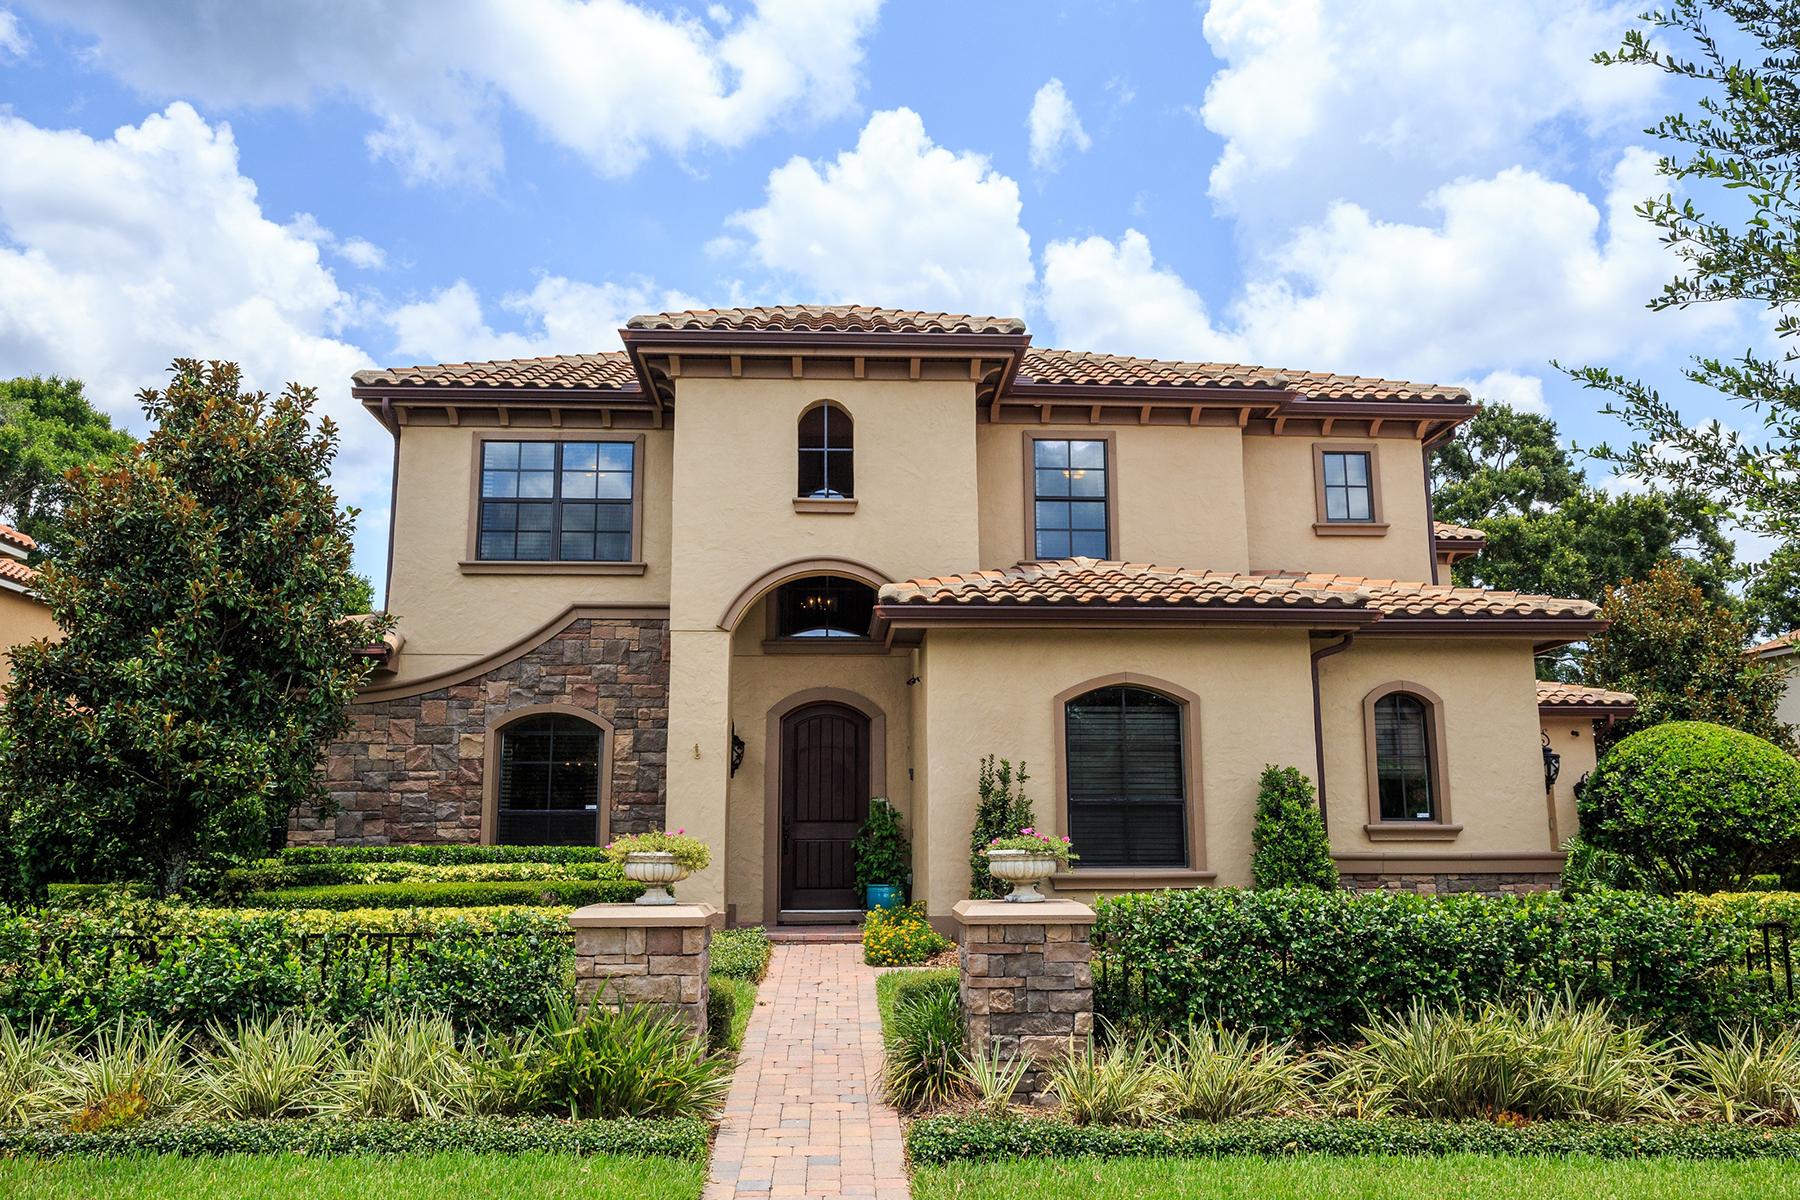 Частный односемейный дом для того Продажа на 1831 Laurelton Hall Ln , Winter Park, FL 32789 1831 Laurelton Hall Ln Winter Park, Флорида, 32789 Соединенные Штаты